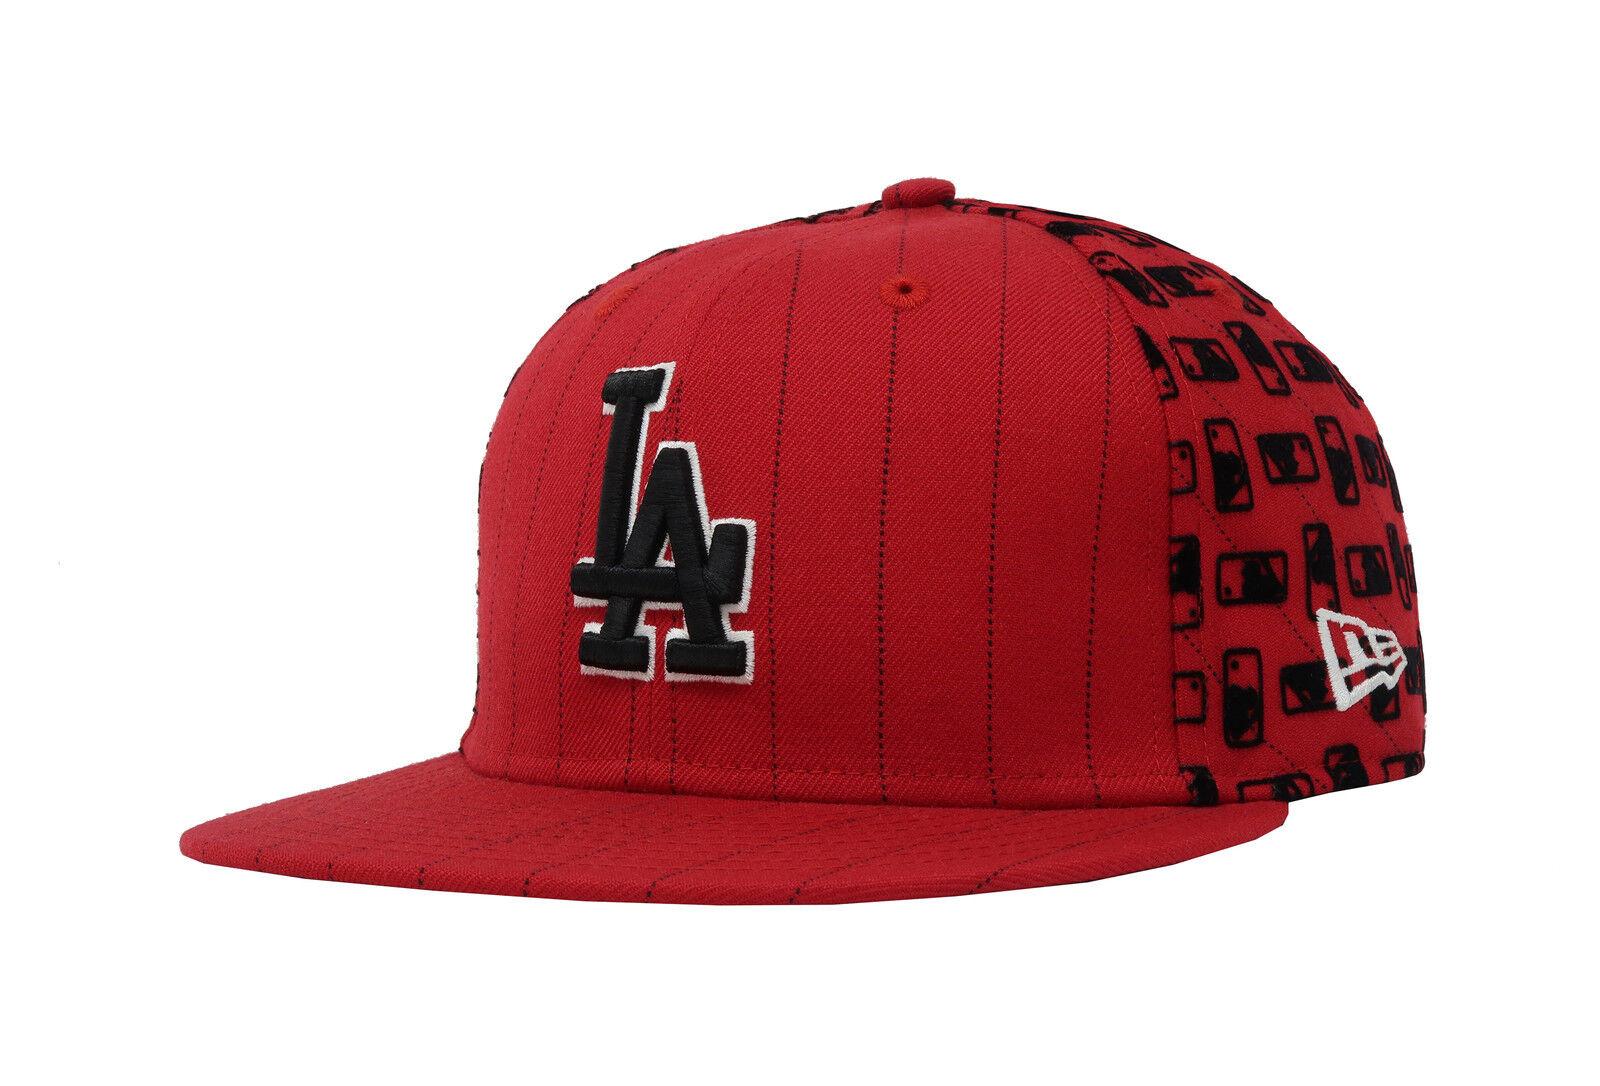 a7db0a99958e4 reduced los angeles dodgers custom hats masks cecbe 7455d